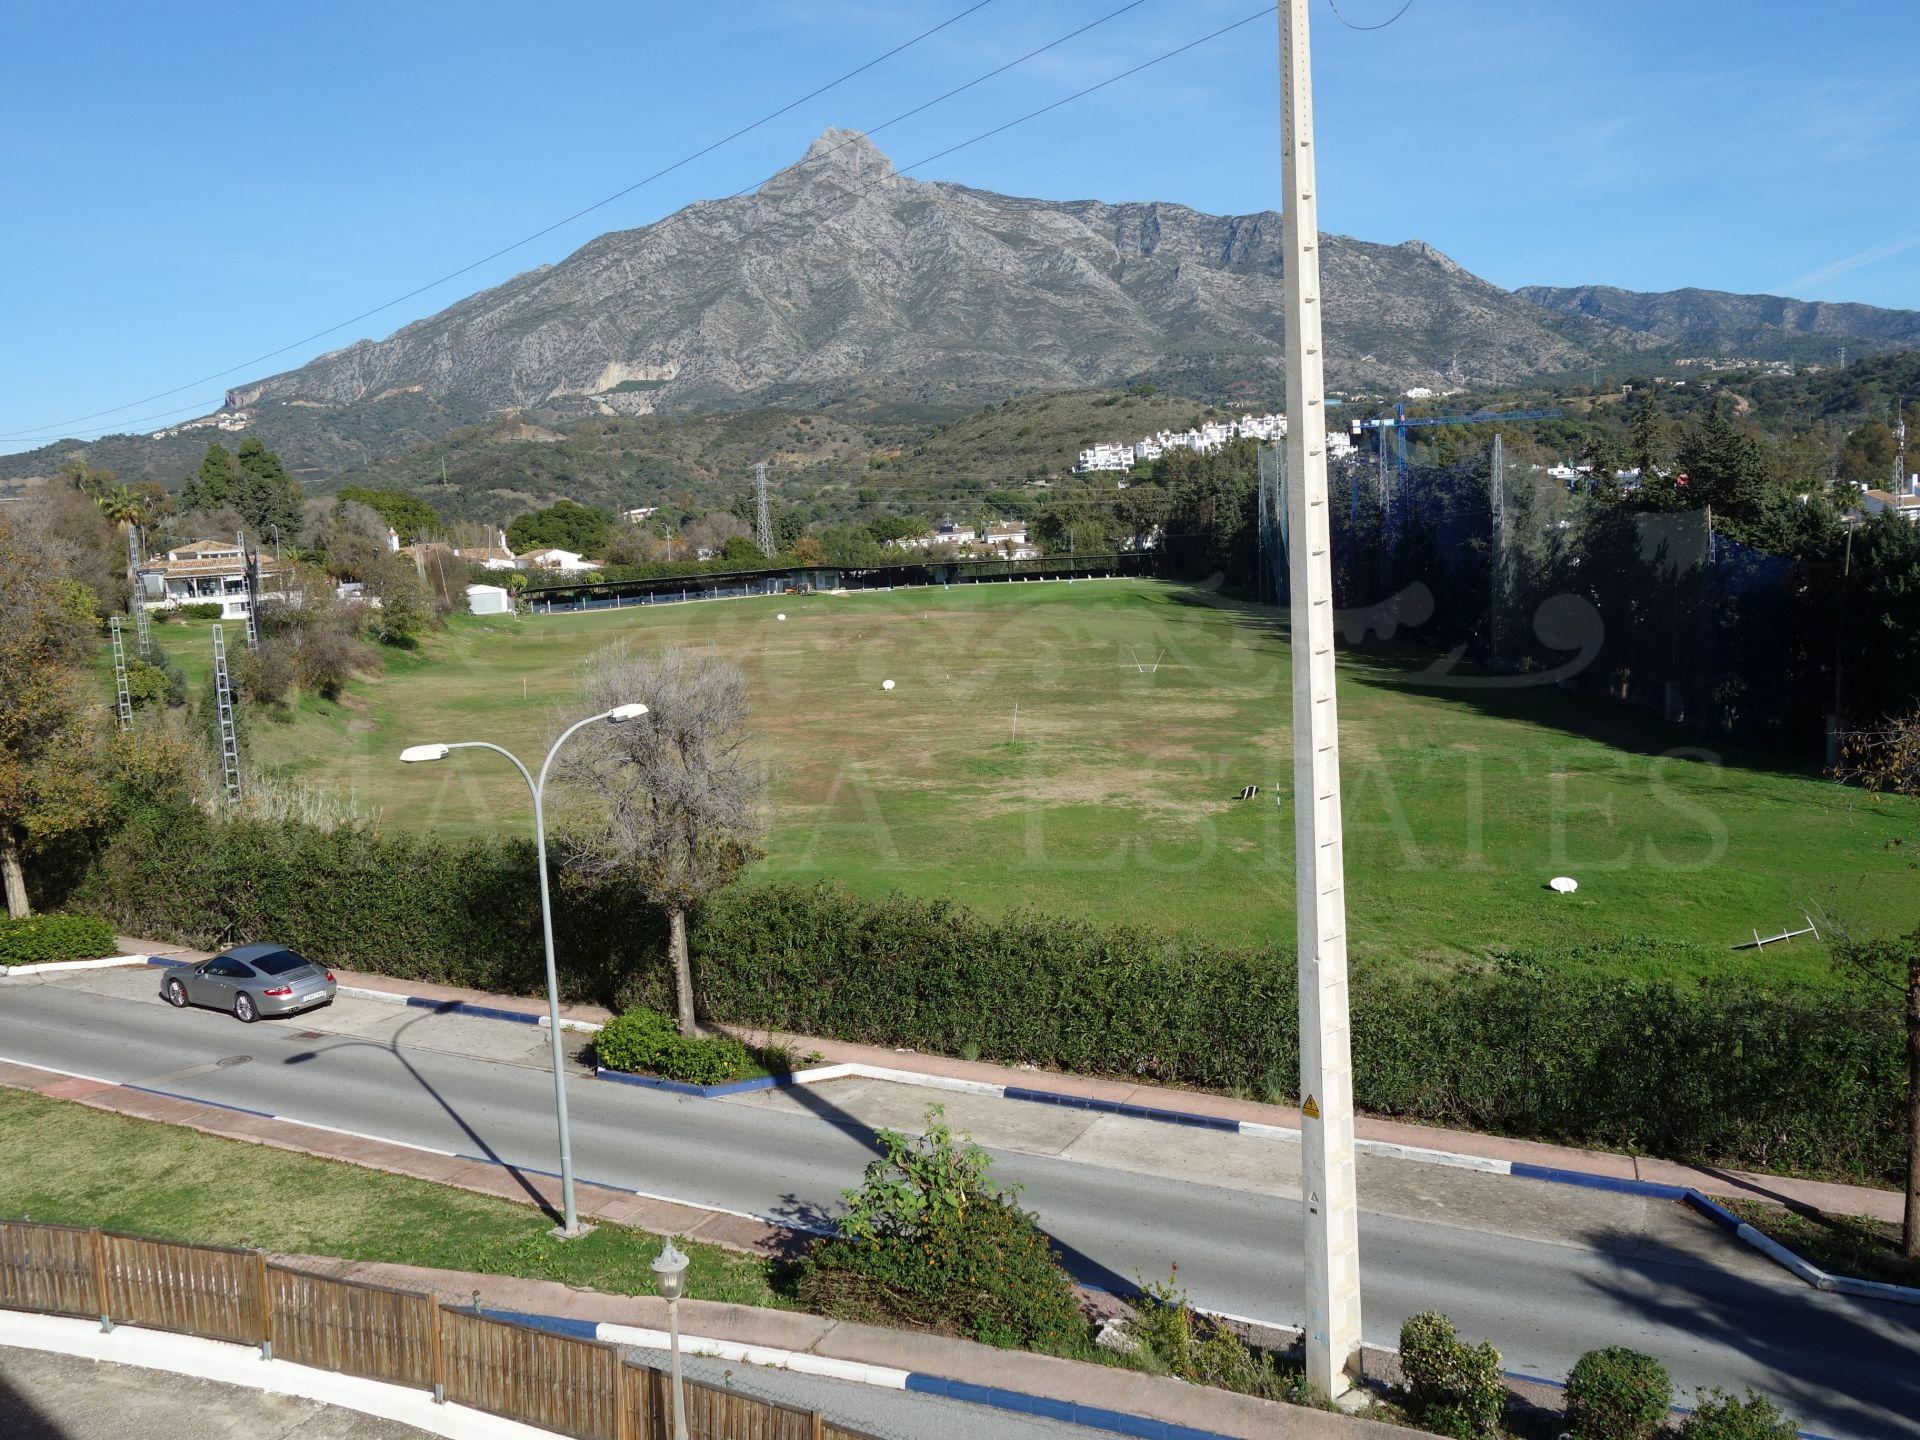 Adosada en Los Olivos, Nueva Andalucía